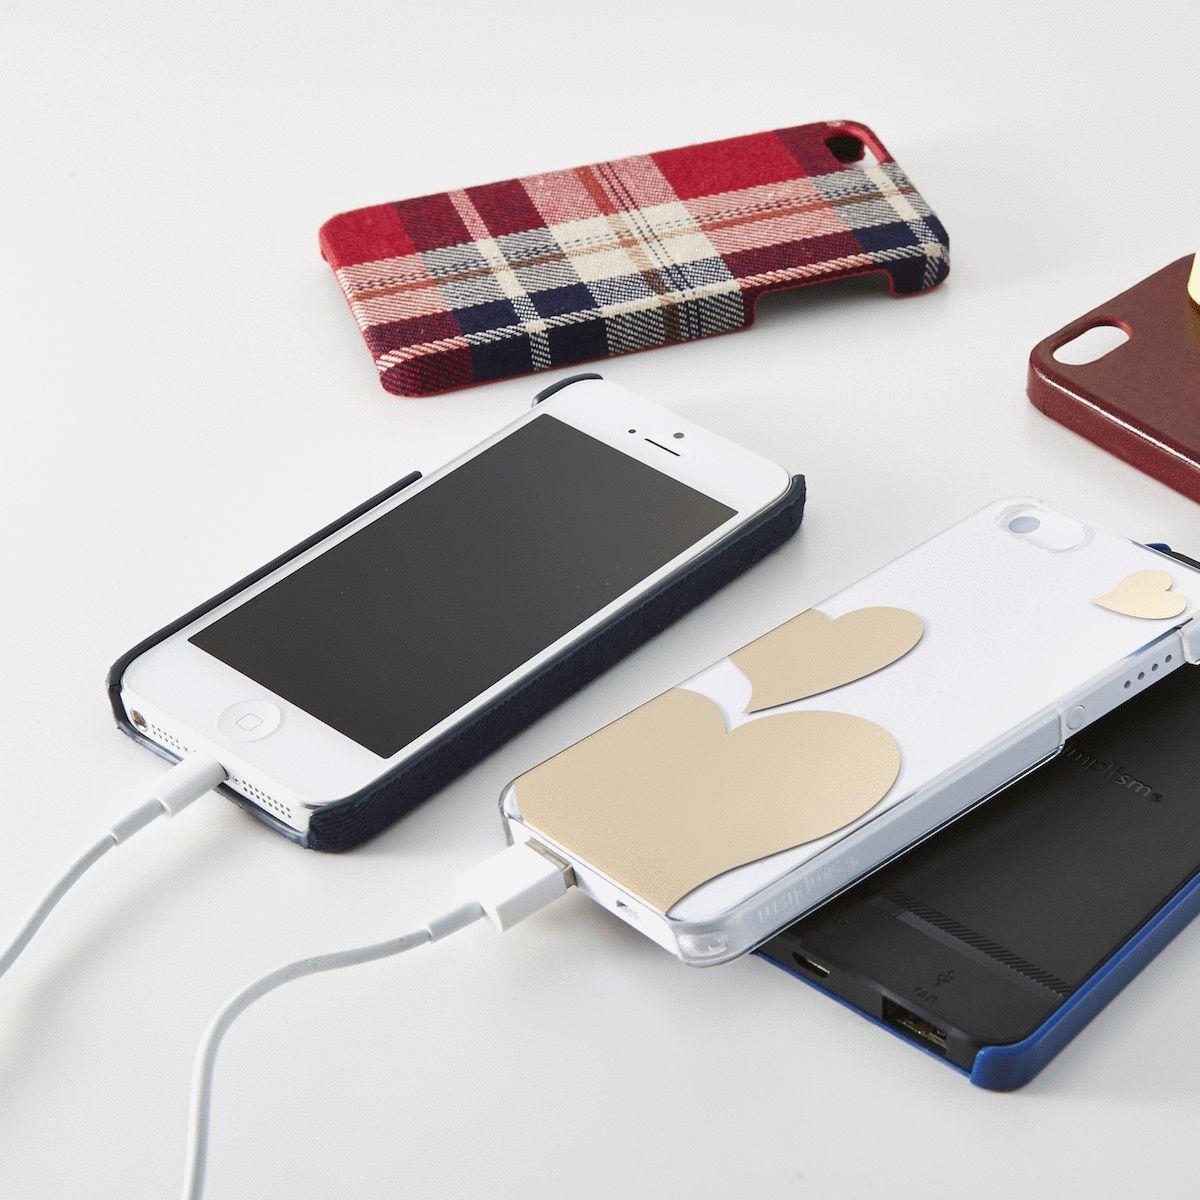 iPhone持ってなくても欲しくなる?iPhone用ケースが装着できる72g超軽量モバイルバッテリー